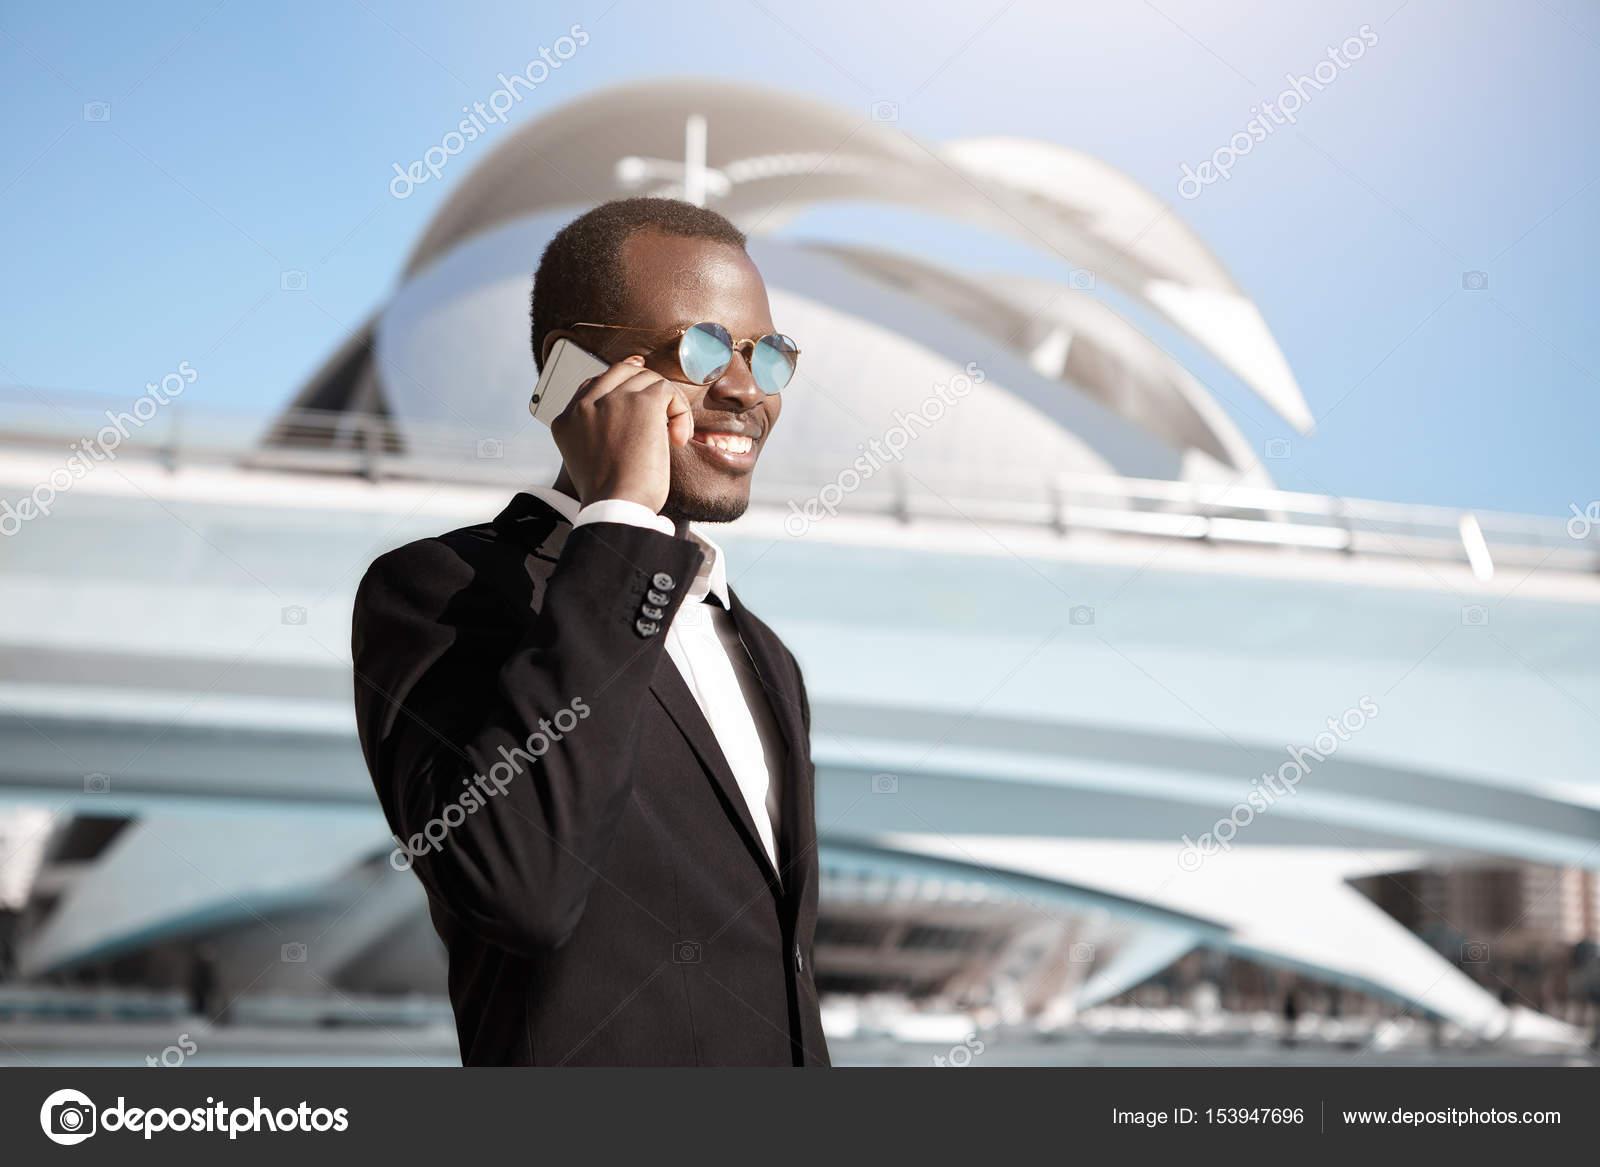 7ecd1bf832 Piel oscura hombre de negocios acertado con elegante traje negro y gafas de  sol redondas haber complacido sonrisa mientras habla sobre smartphone con  su ...